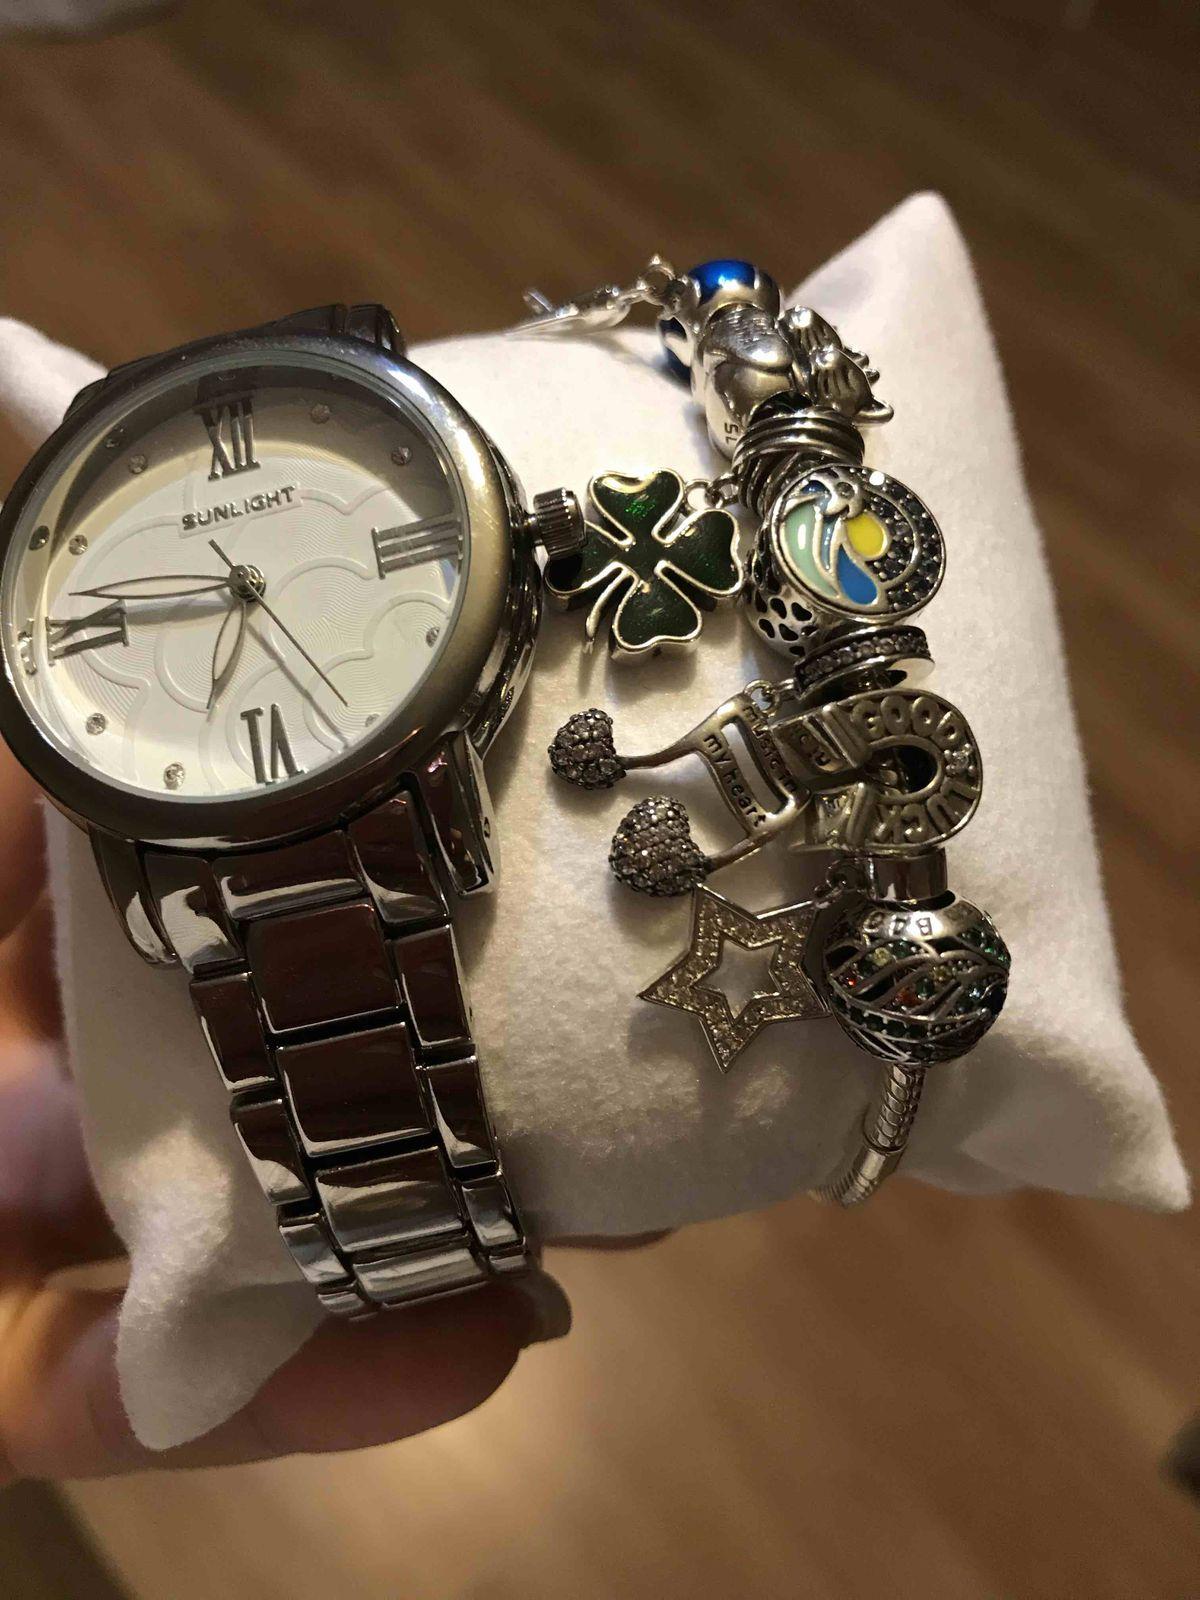 Время должно иметь стильное обрамление ))))